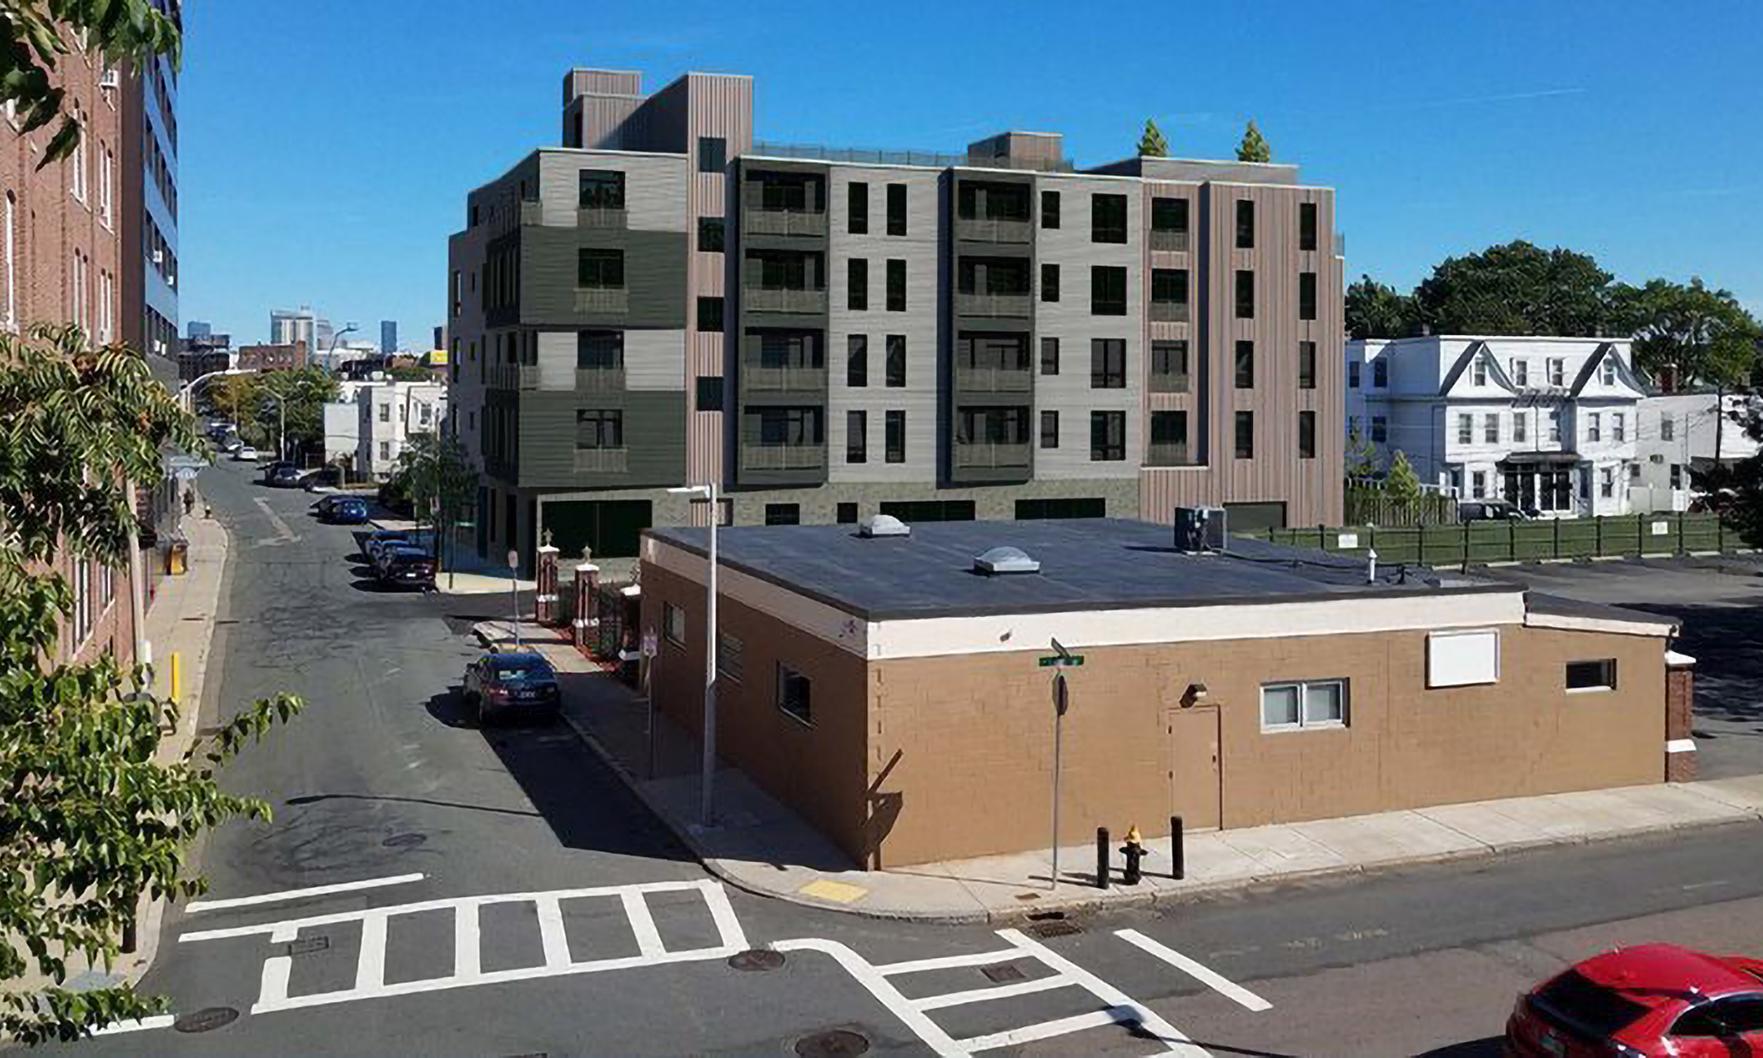 Boston condo developments